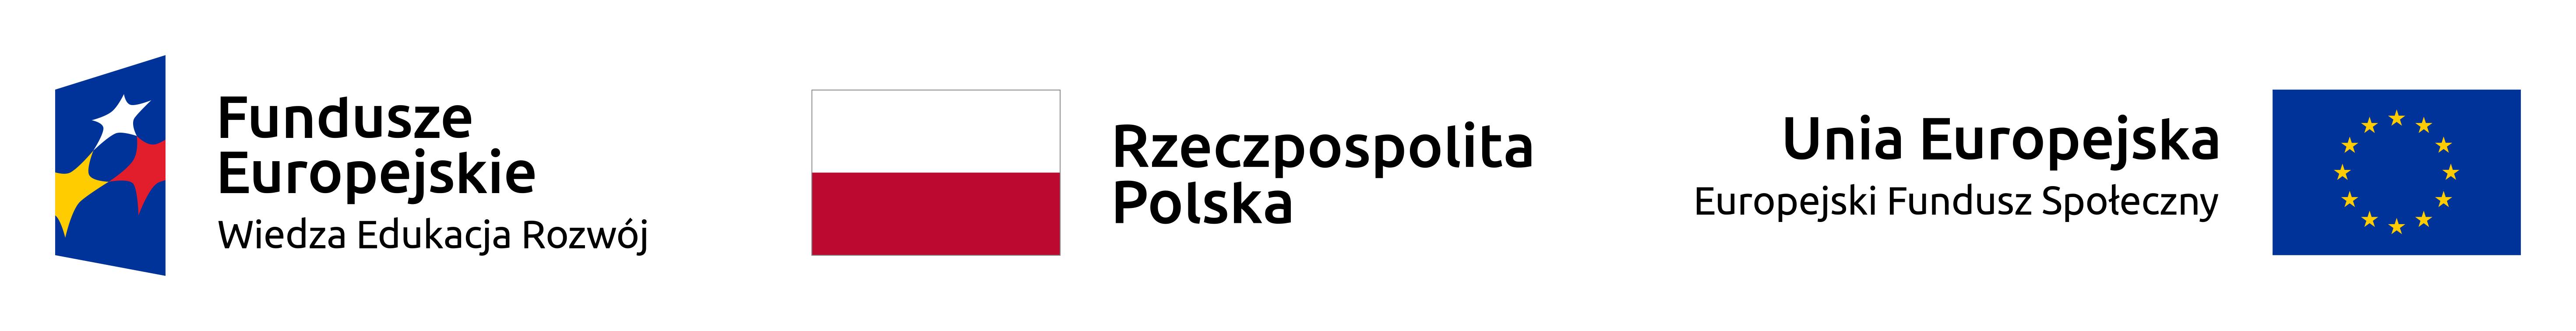 """FE POWER poziom pl 1 rgb PROAKTYWNI: Nabór do bezpłatnego projektu """"Gotuj po hiszpańsku II"""""""